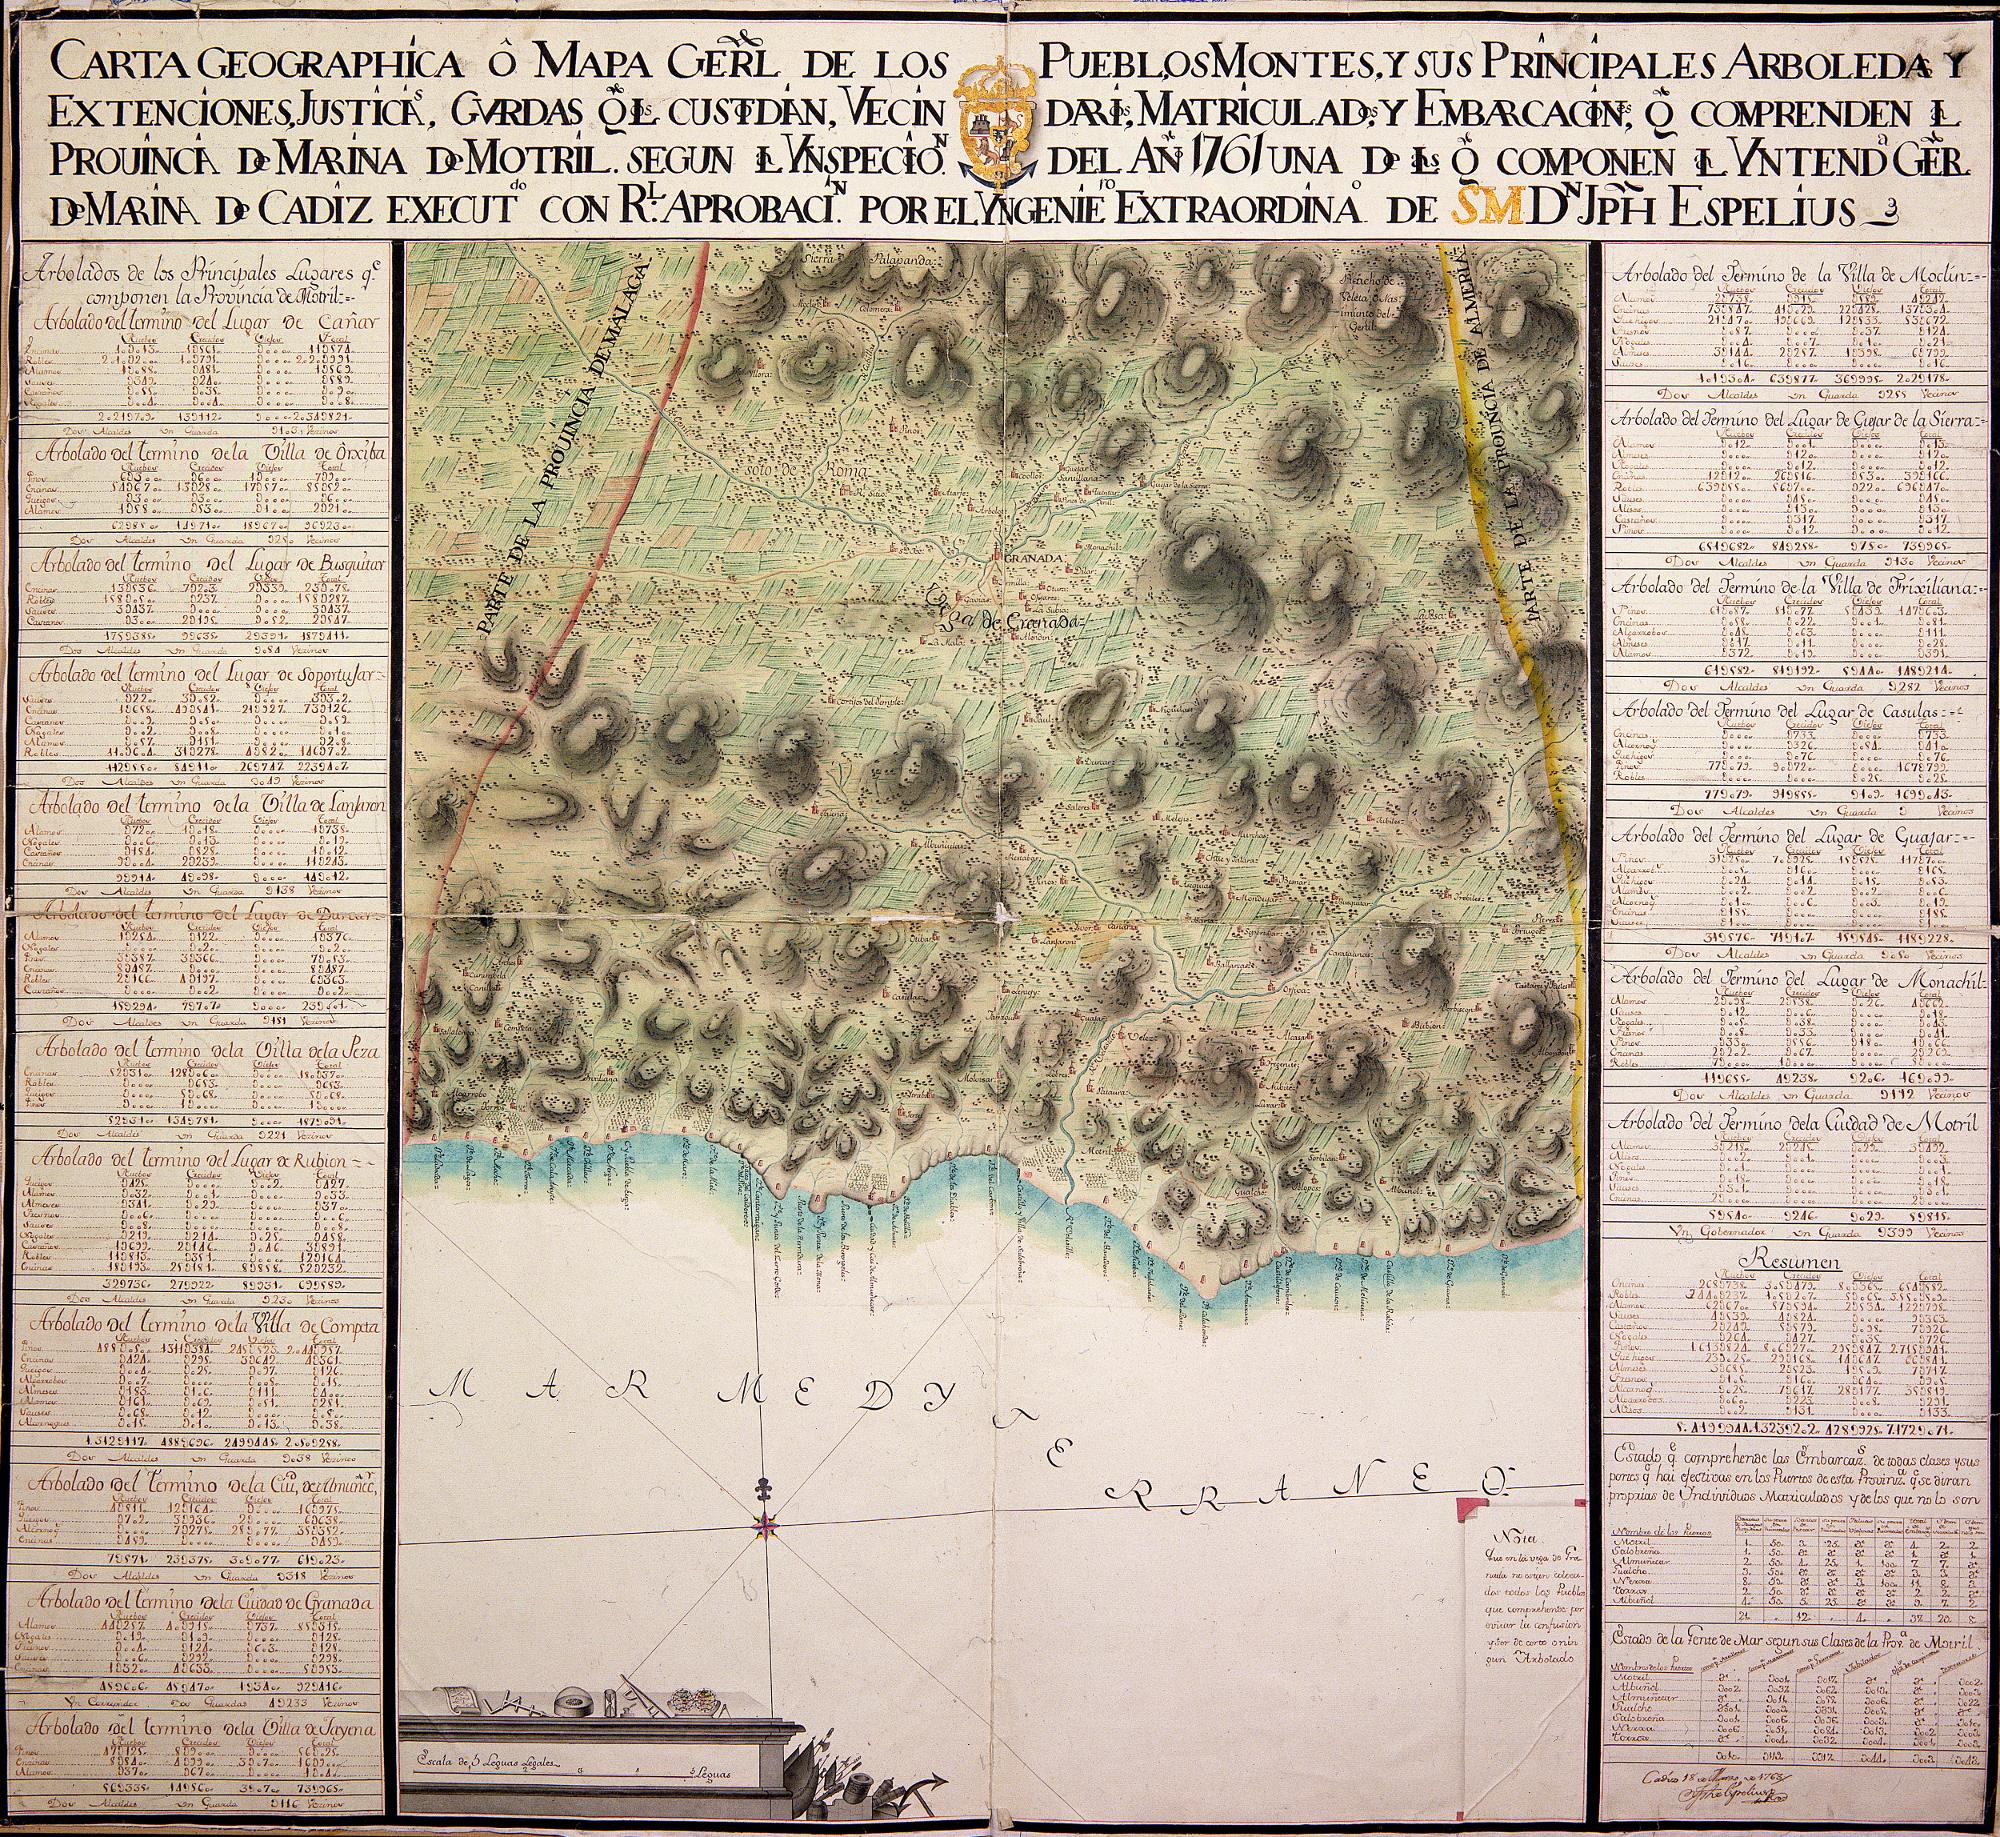 GRANADA (Provincia). Parcial. Mapas generales. 1:100000. 1763